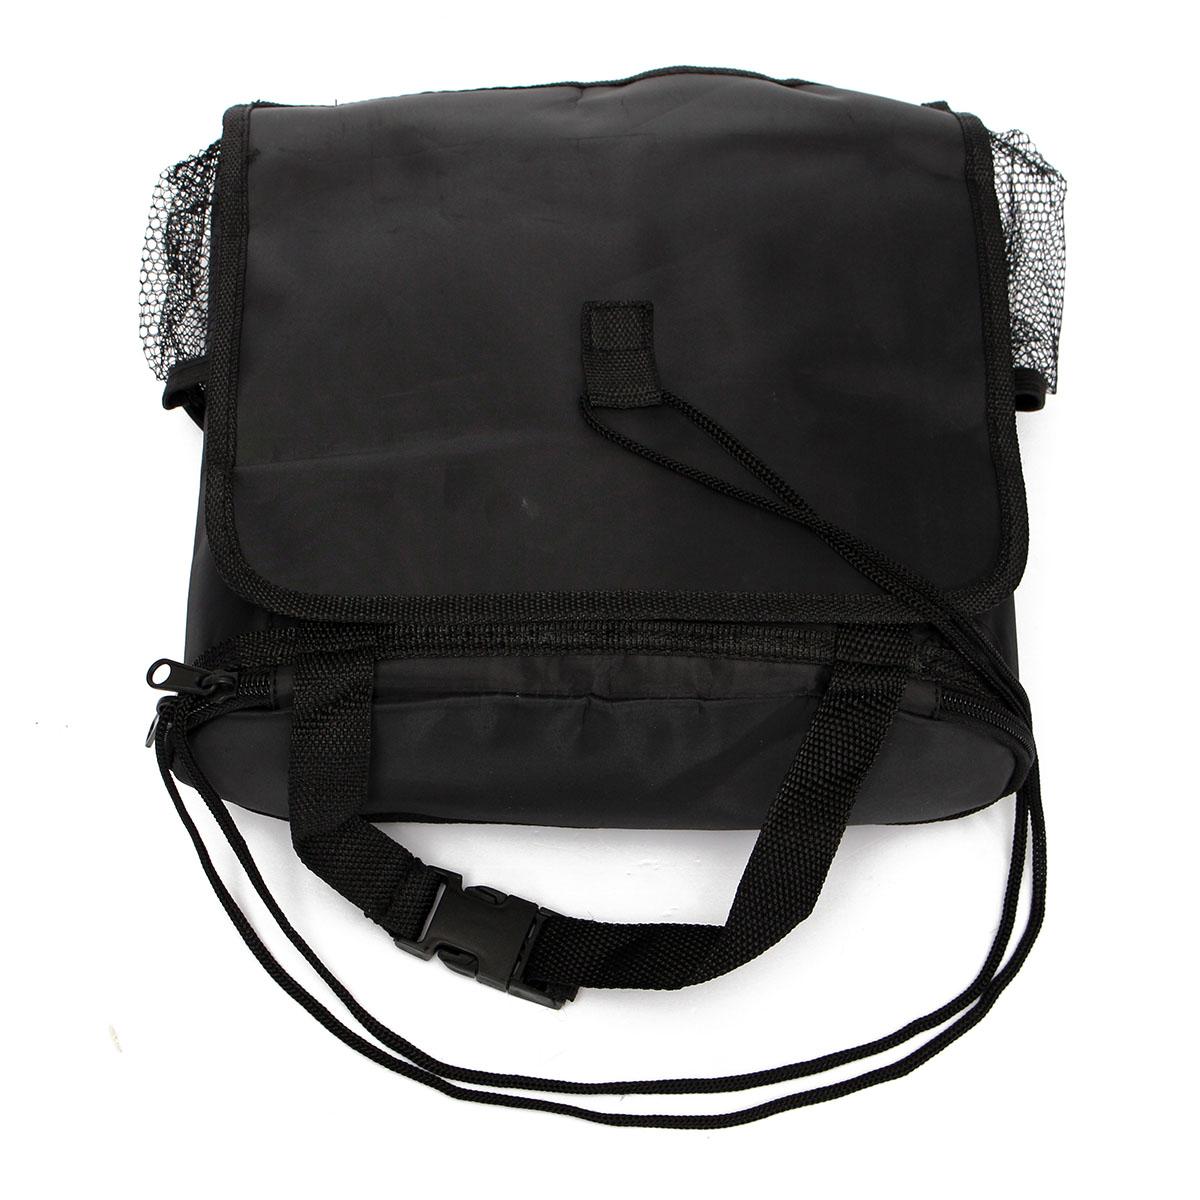 car back seat organizer multi pocket storage bag travel lazada ph. Black Bedroom Furniture Sets. Home Design Ideas